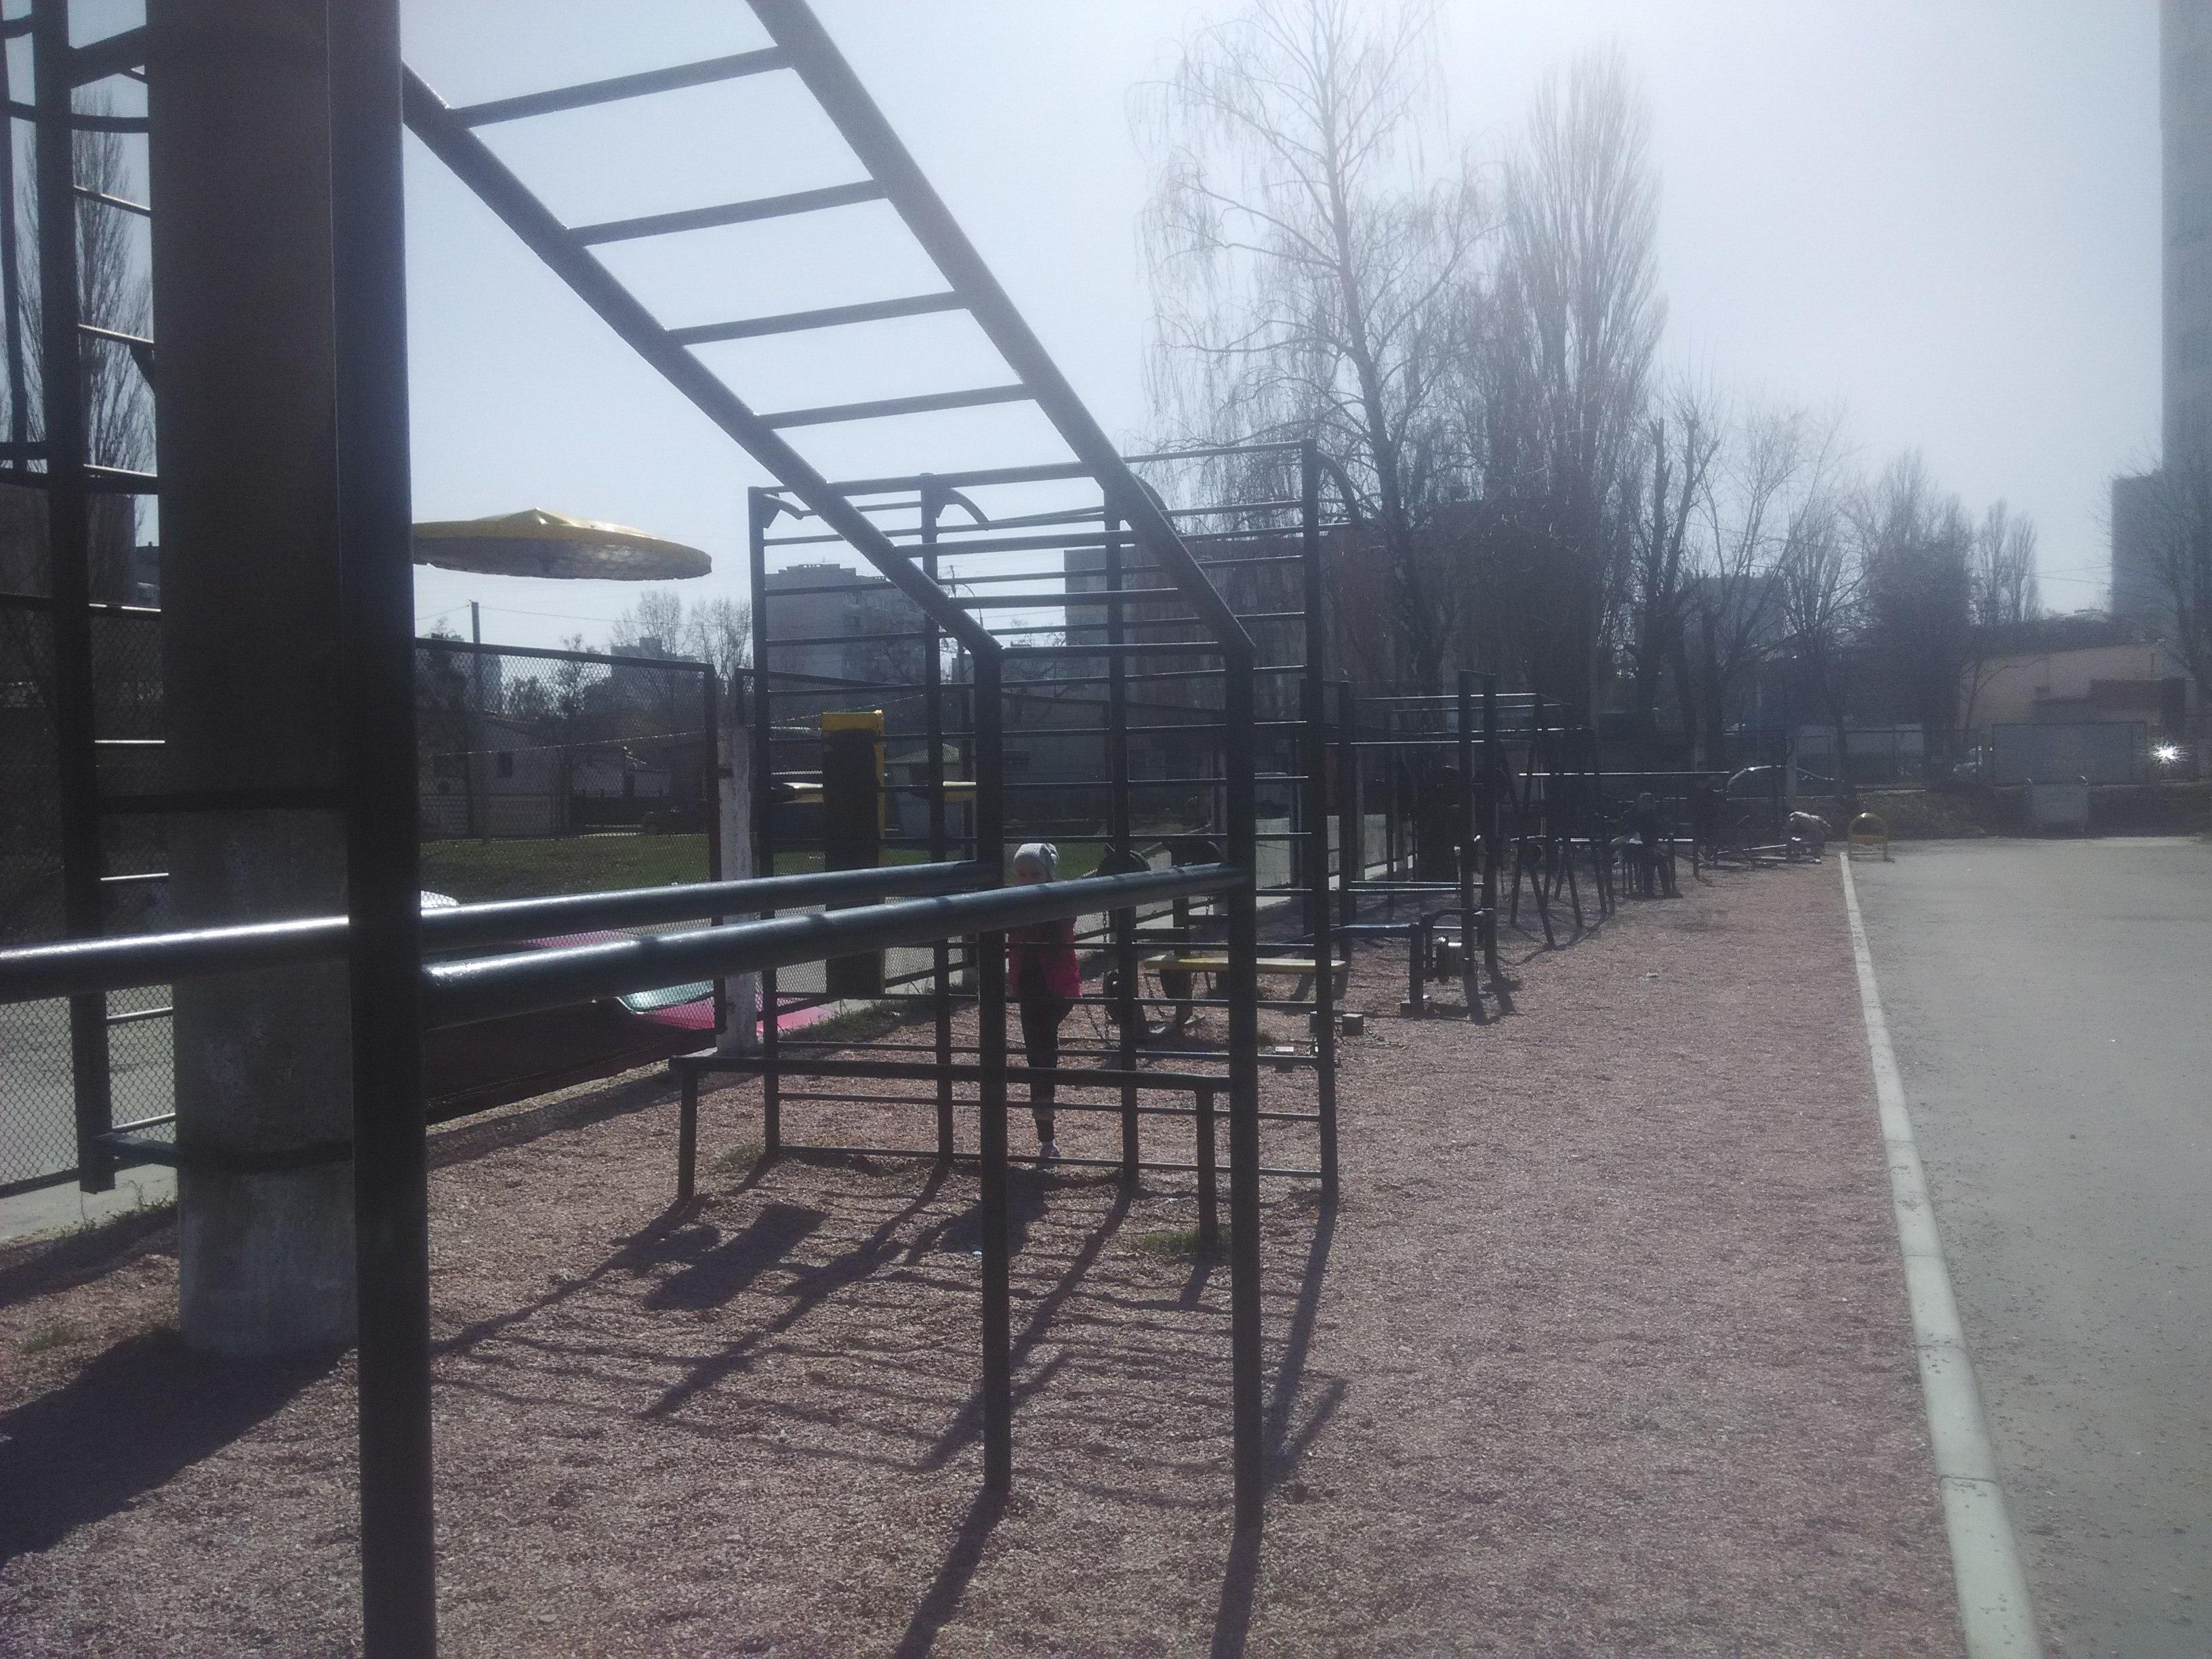 Майбутній спорткомплекс викликав ажіотаж серед вишгородців - стадіон, спотривний комплекс, спорт, реконструкція, Енергентик, Вишгород, Будівництво - 96ED7E939F245E318BE6FD4B477BA7B3E4DB0606D83B420F44 pimgpsh fullsize distr